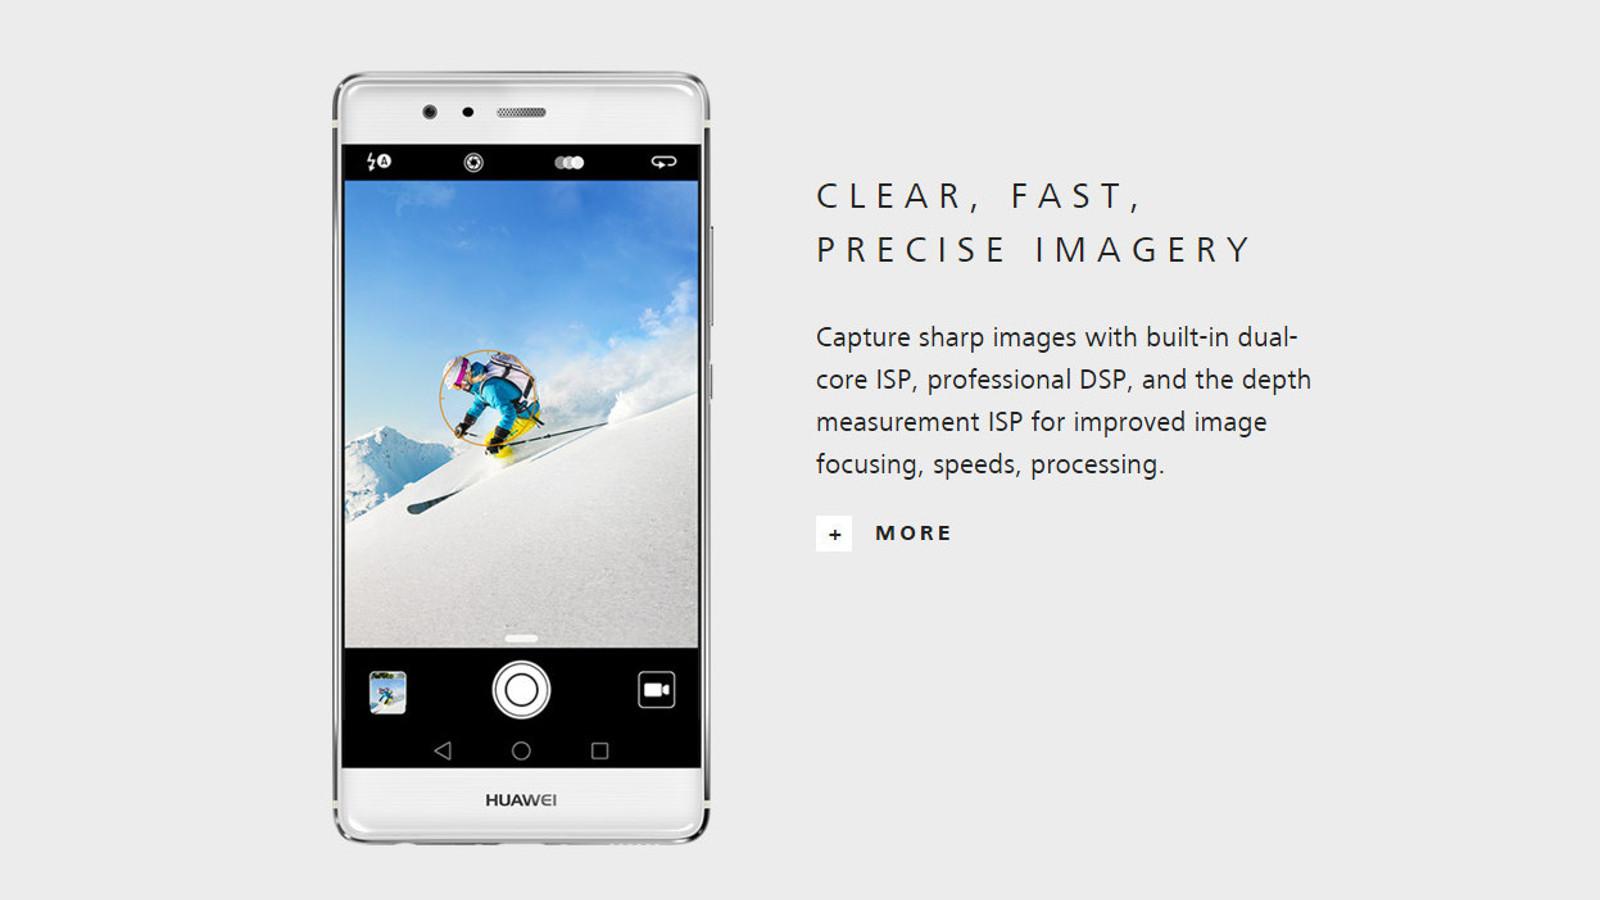 The Huawei P9.